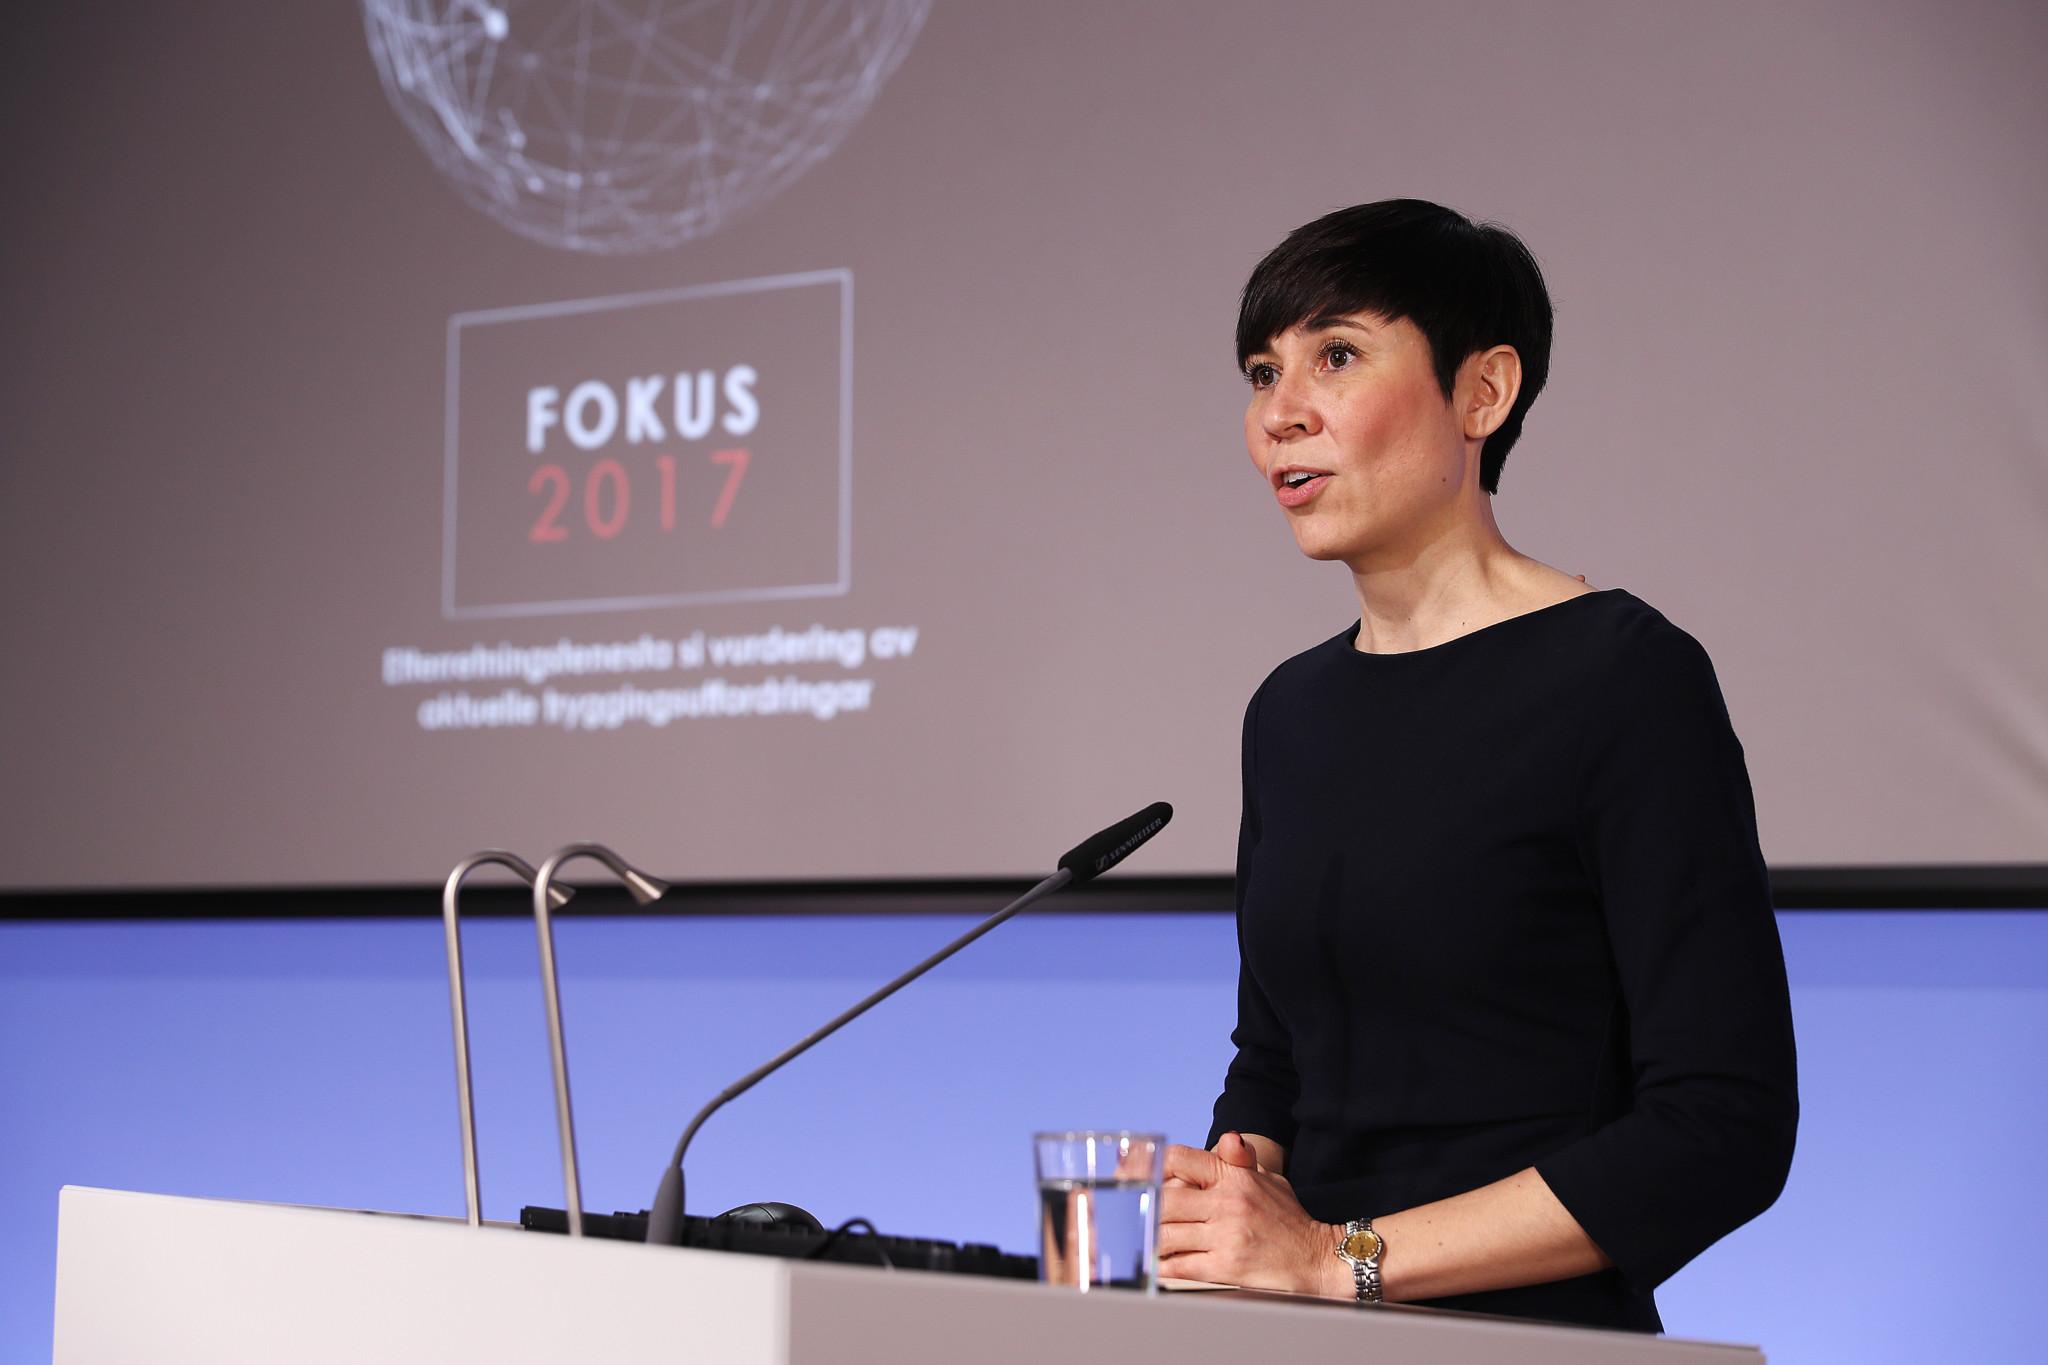 Forsvarsminister Ine Eriksen Søreide på fremmleggelsen av Fokus 2017, Etterrettningstjenstens åpne vurdering, på en pressekonferanse 6 februar 2017